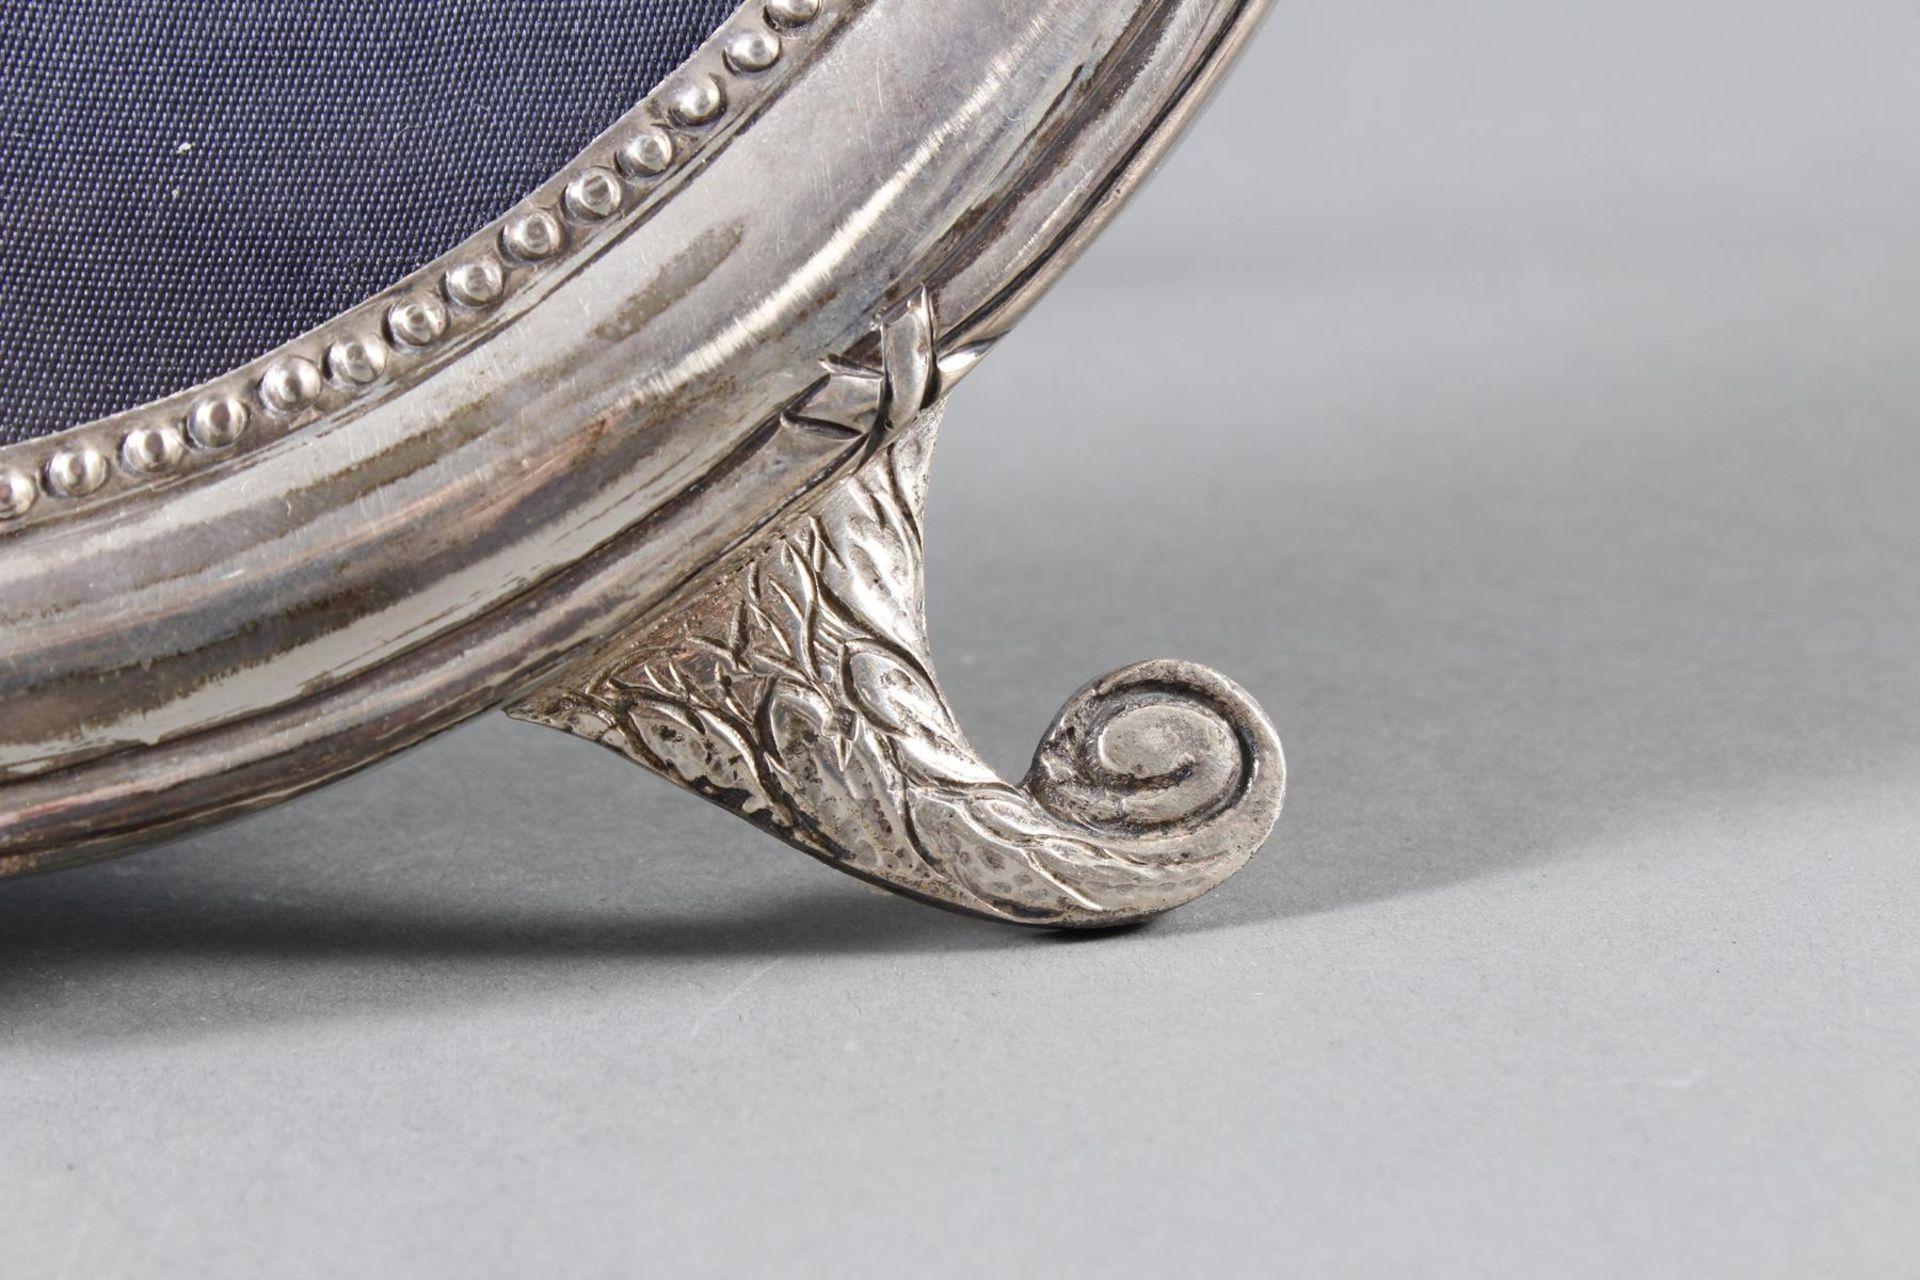 Großer Silber Bilderrahmen, - Bild 4 aus 9